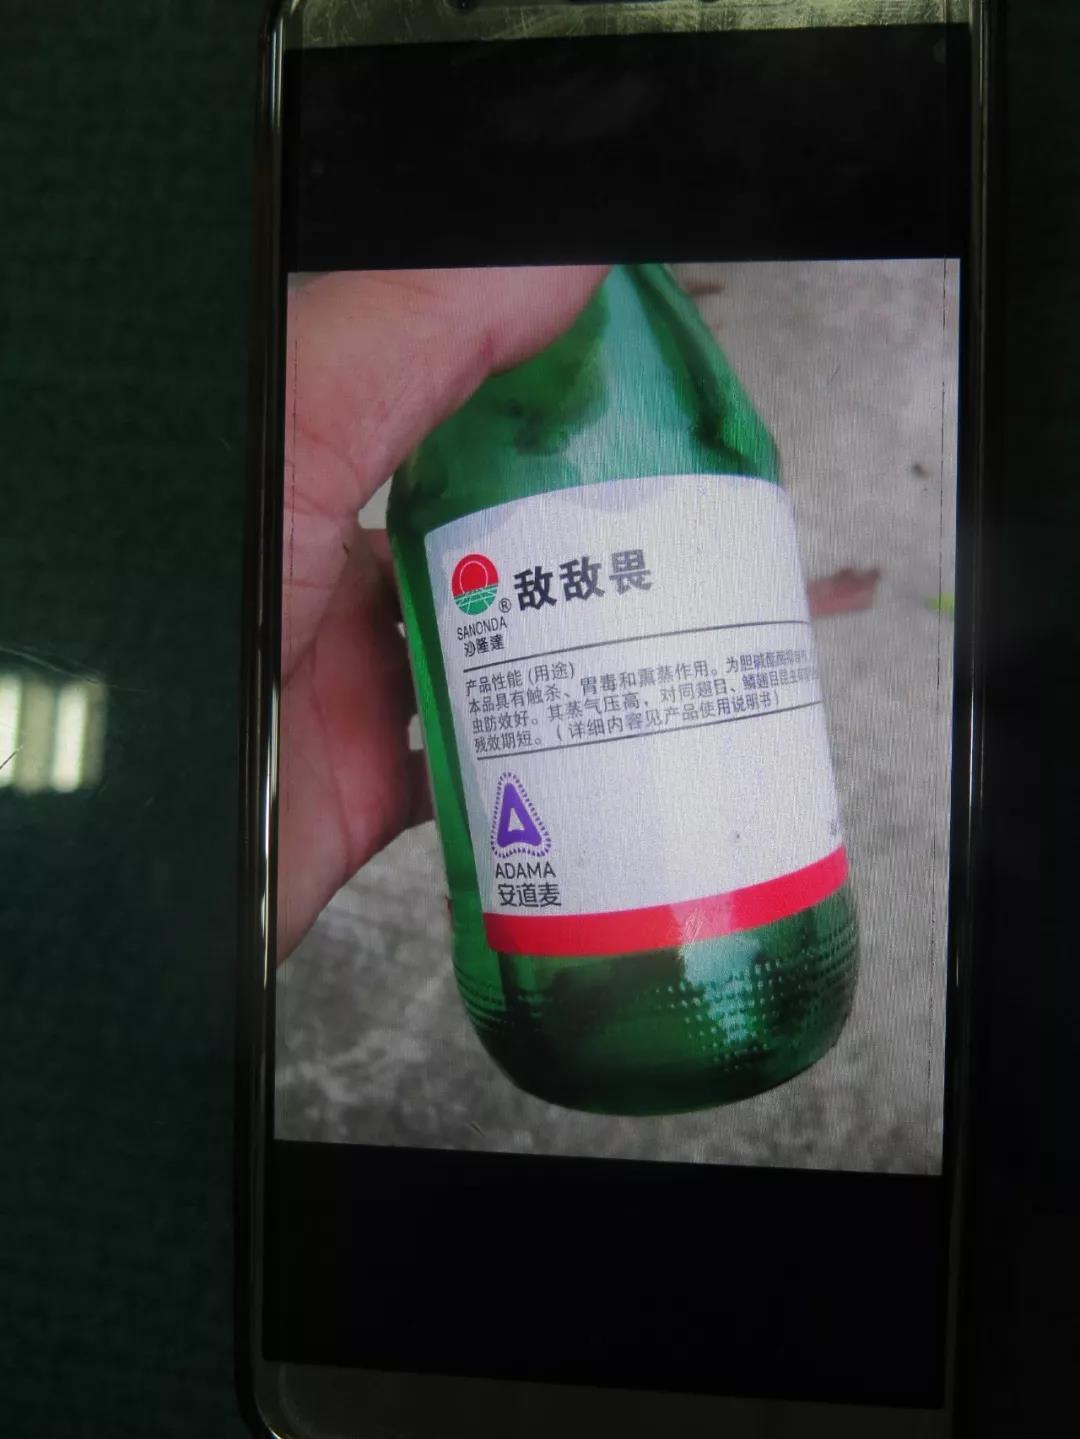 货车司机被处罚后喝农药,官方回应:执法合规!